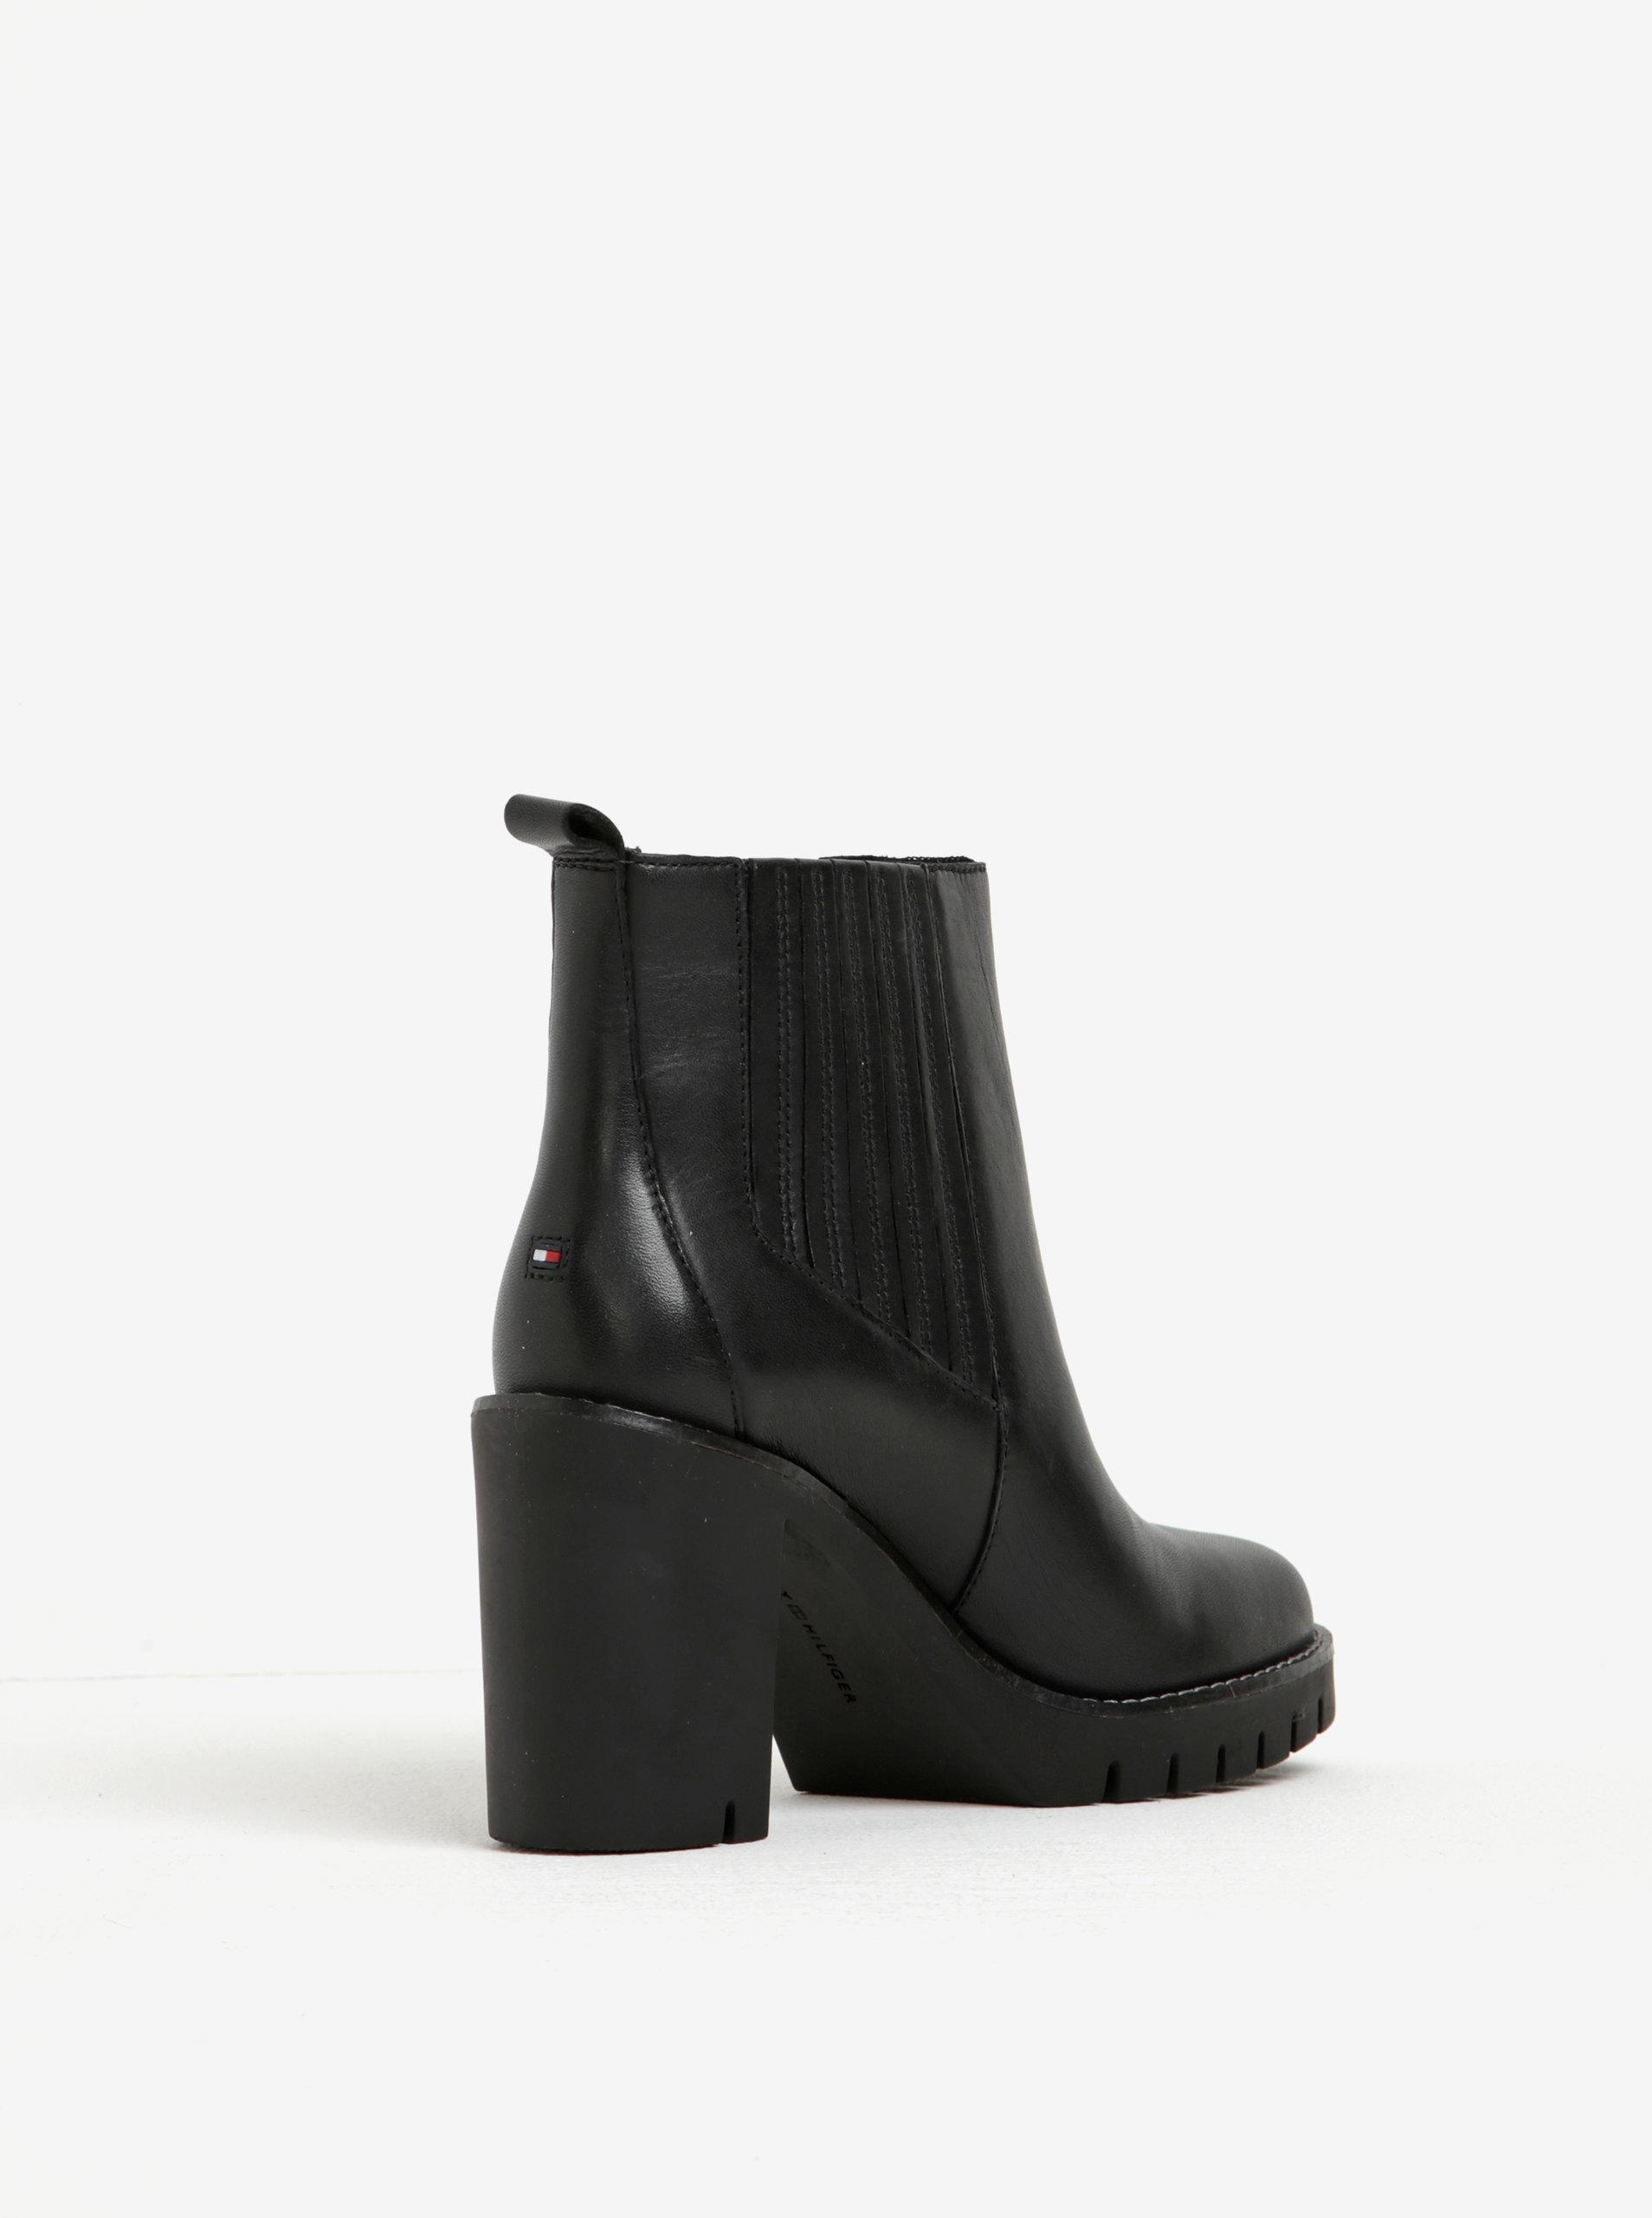 839c3a3f93ce Čierne dámske kožené chelsea topánky na vysokom podpätku Tommy Hilfiger  Paola ...